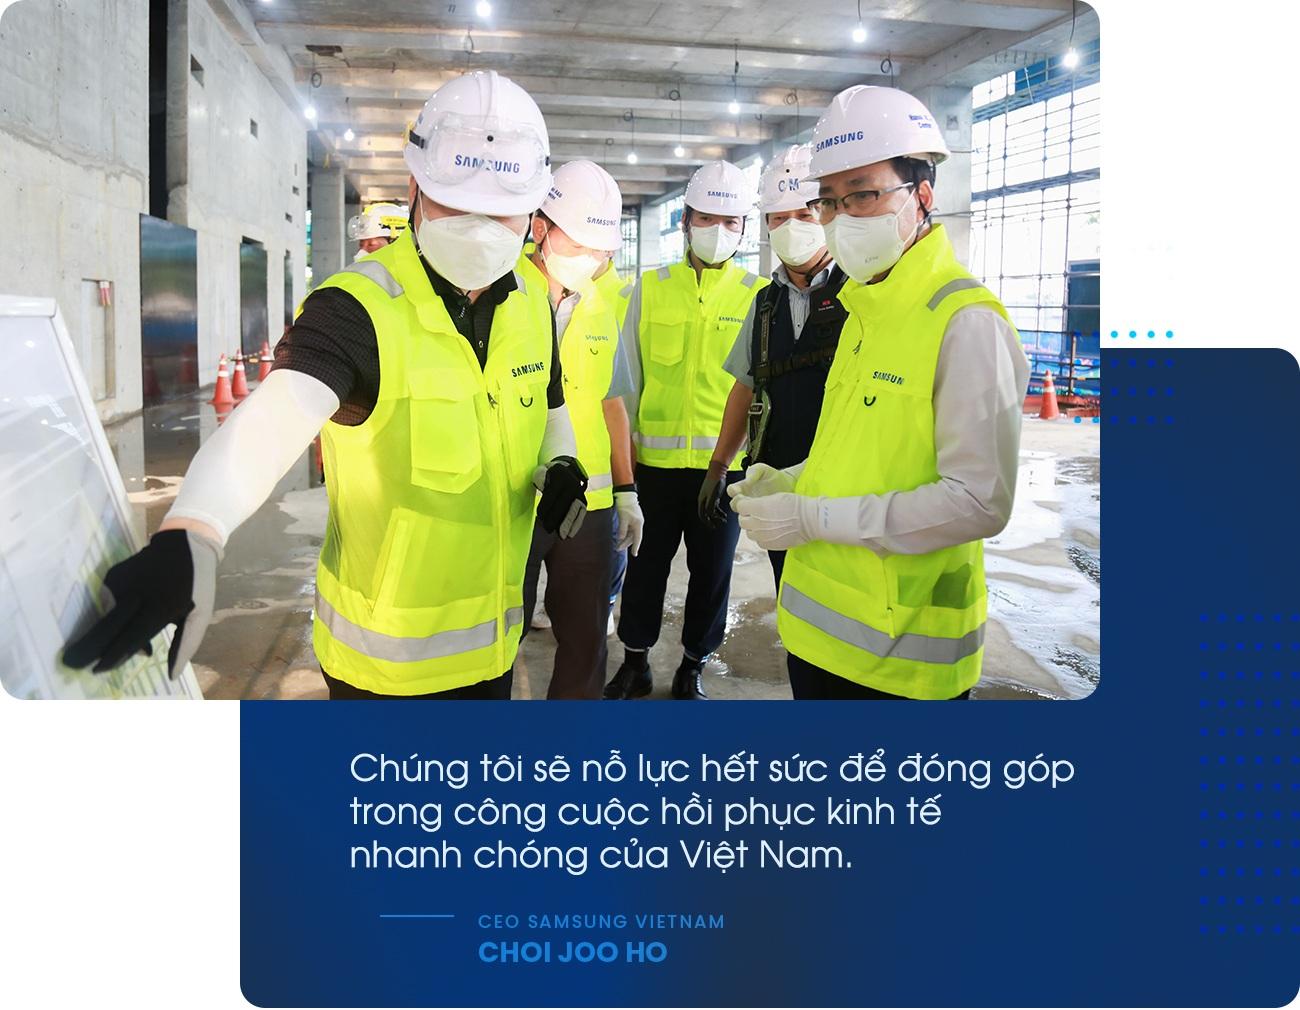 CEO Samsung Việt Nam hé lộ về dự án 220 triệu USD và lời hứa cứ điểm - 2